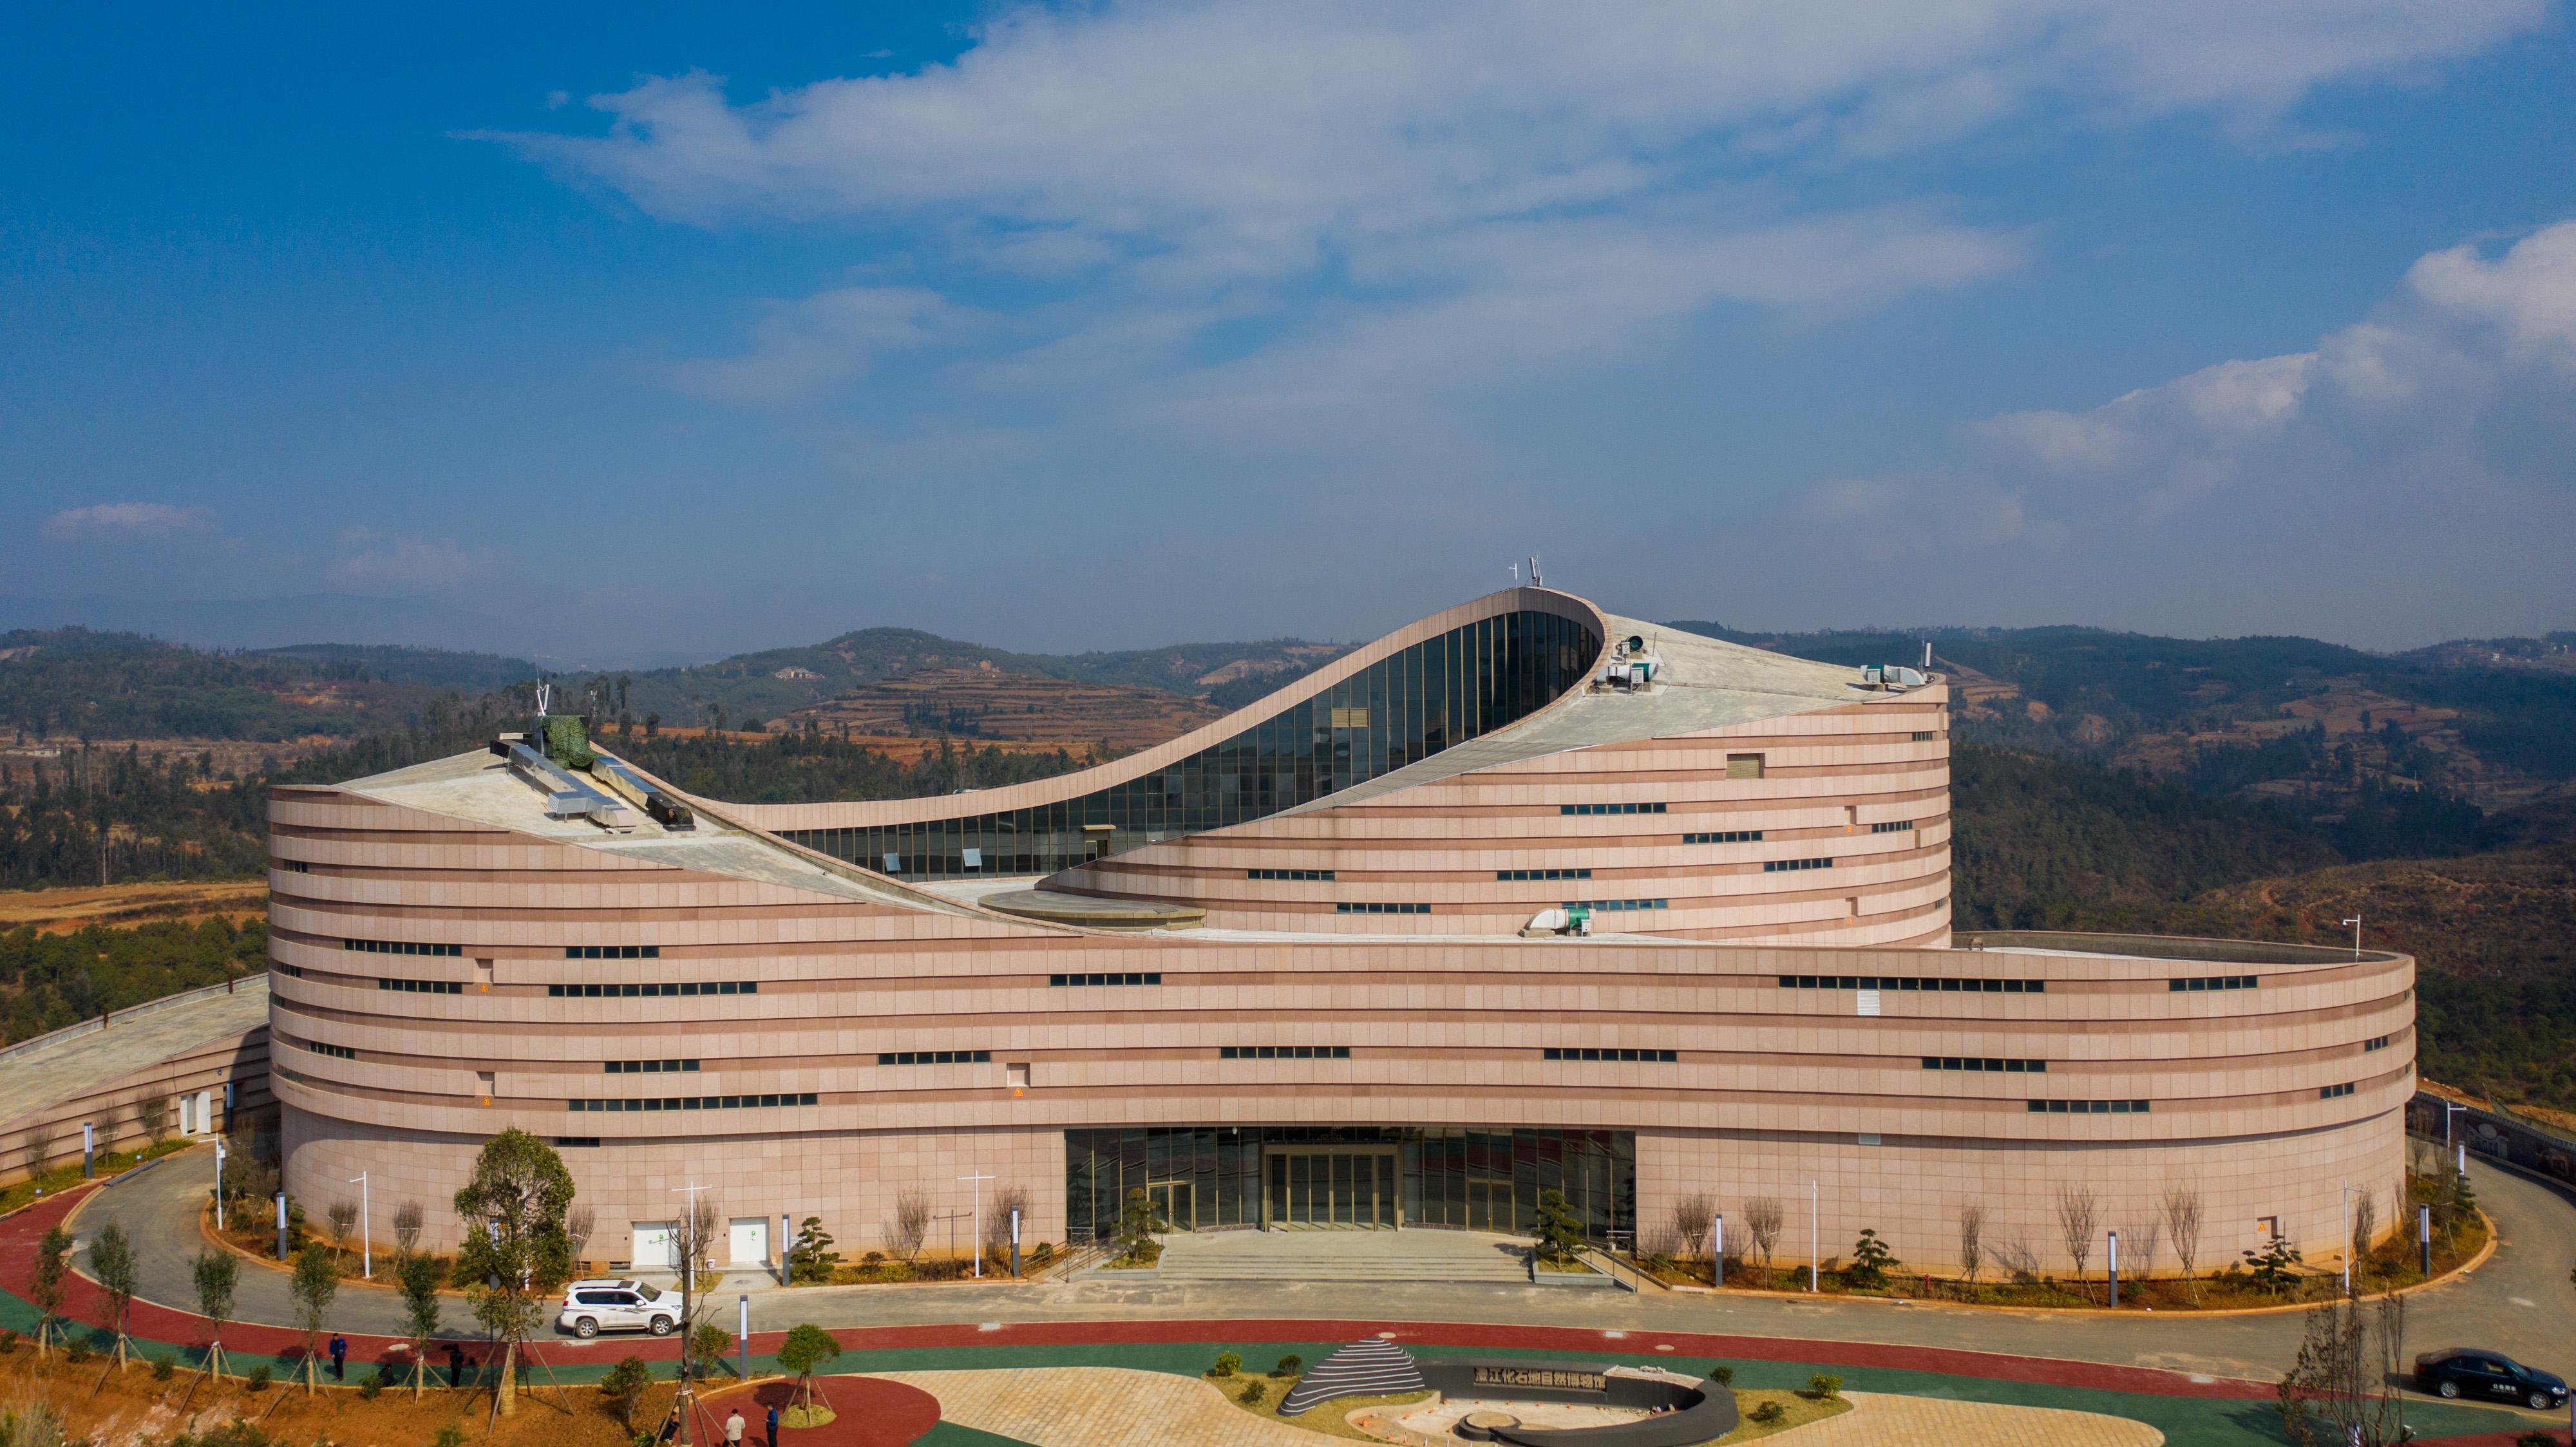 云南澄江化石地自然博物馆基本建成